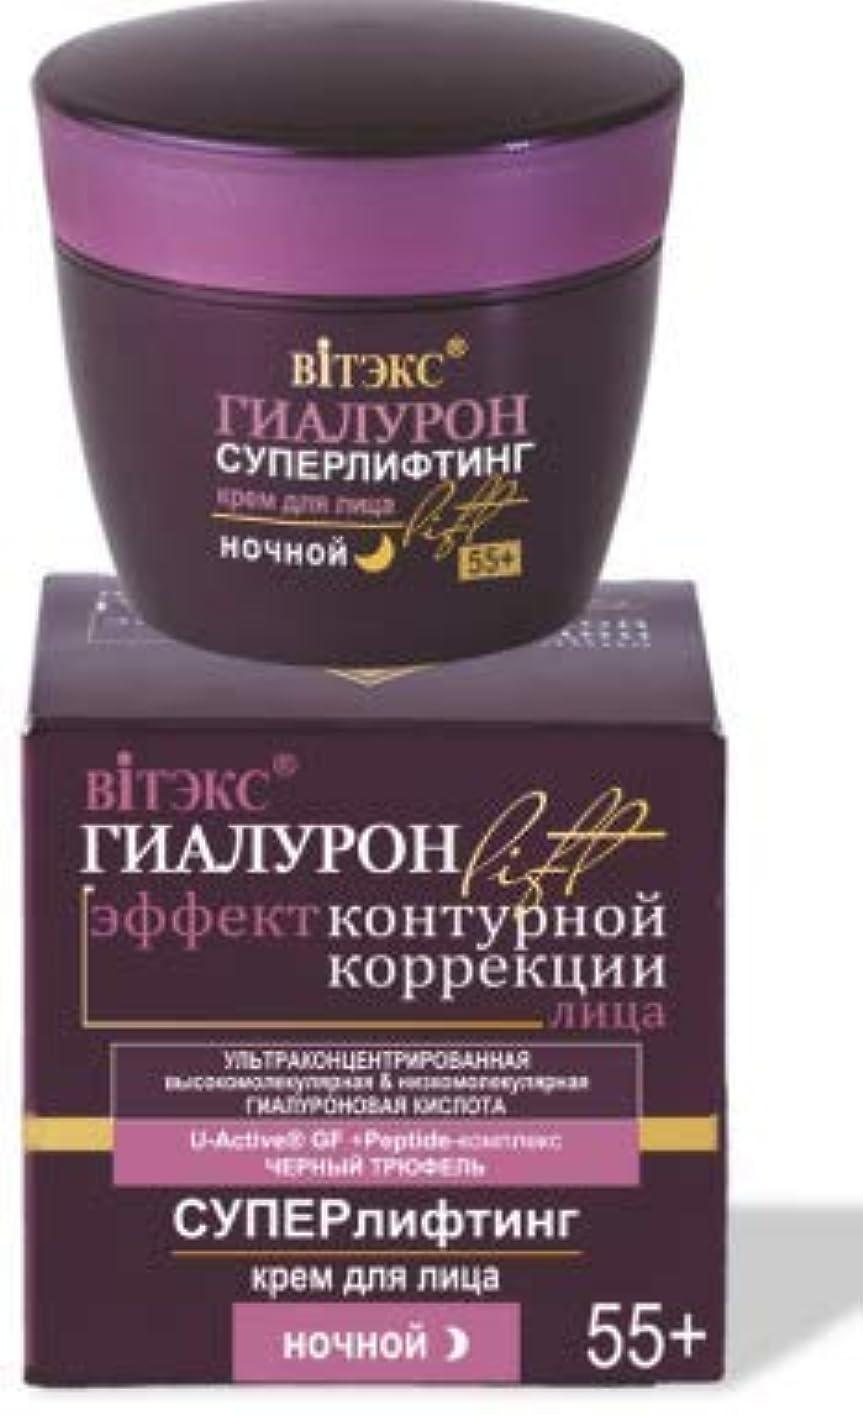 森クラック奨励しますNIGHT Cream for face 55+ - Super Lifting | Tightens The face Oval, Struggles with The Sagging of The Skin, restores...